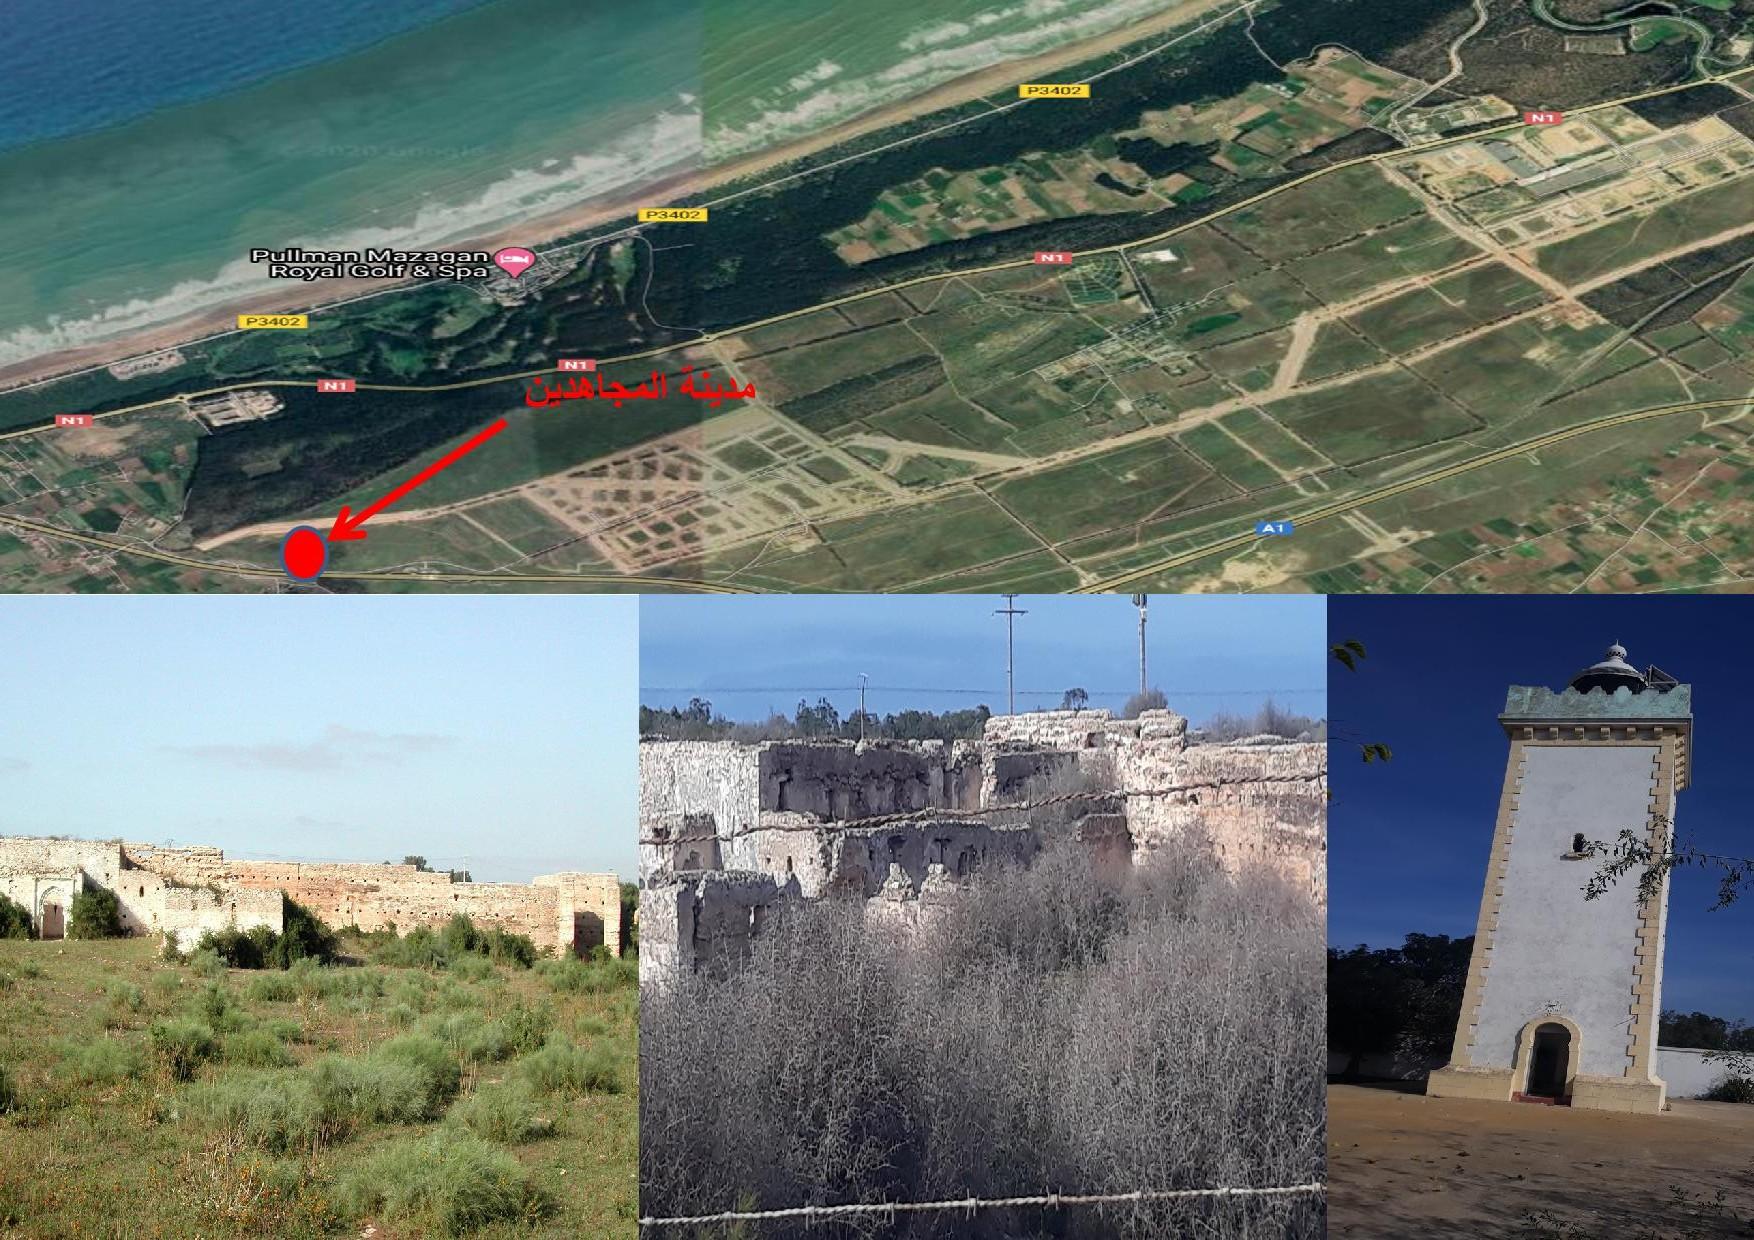 انجاز مشاريع بين مدينتي الجديدة وازمور على حساب البيئة وتهدد جزءا من تاريخ  وذاكرة منطقة دكالة